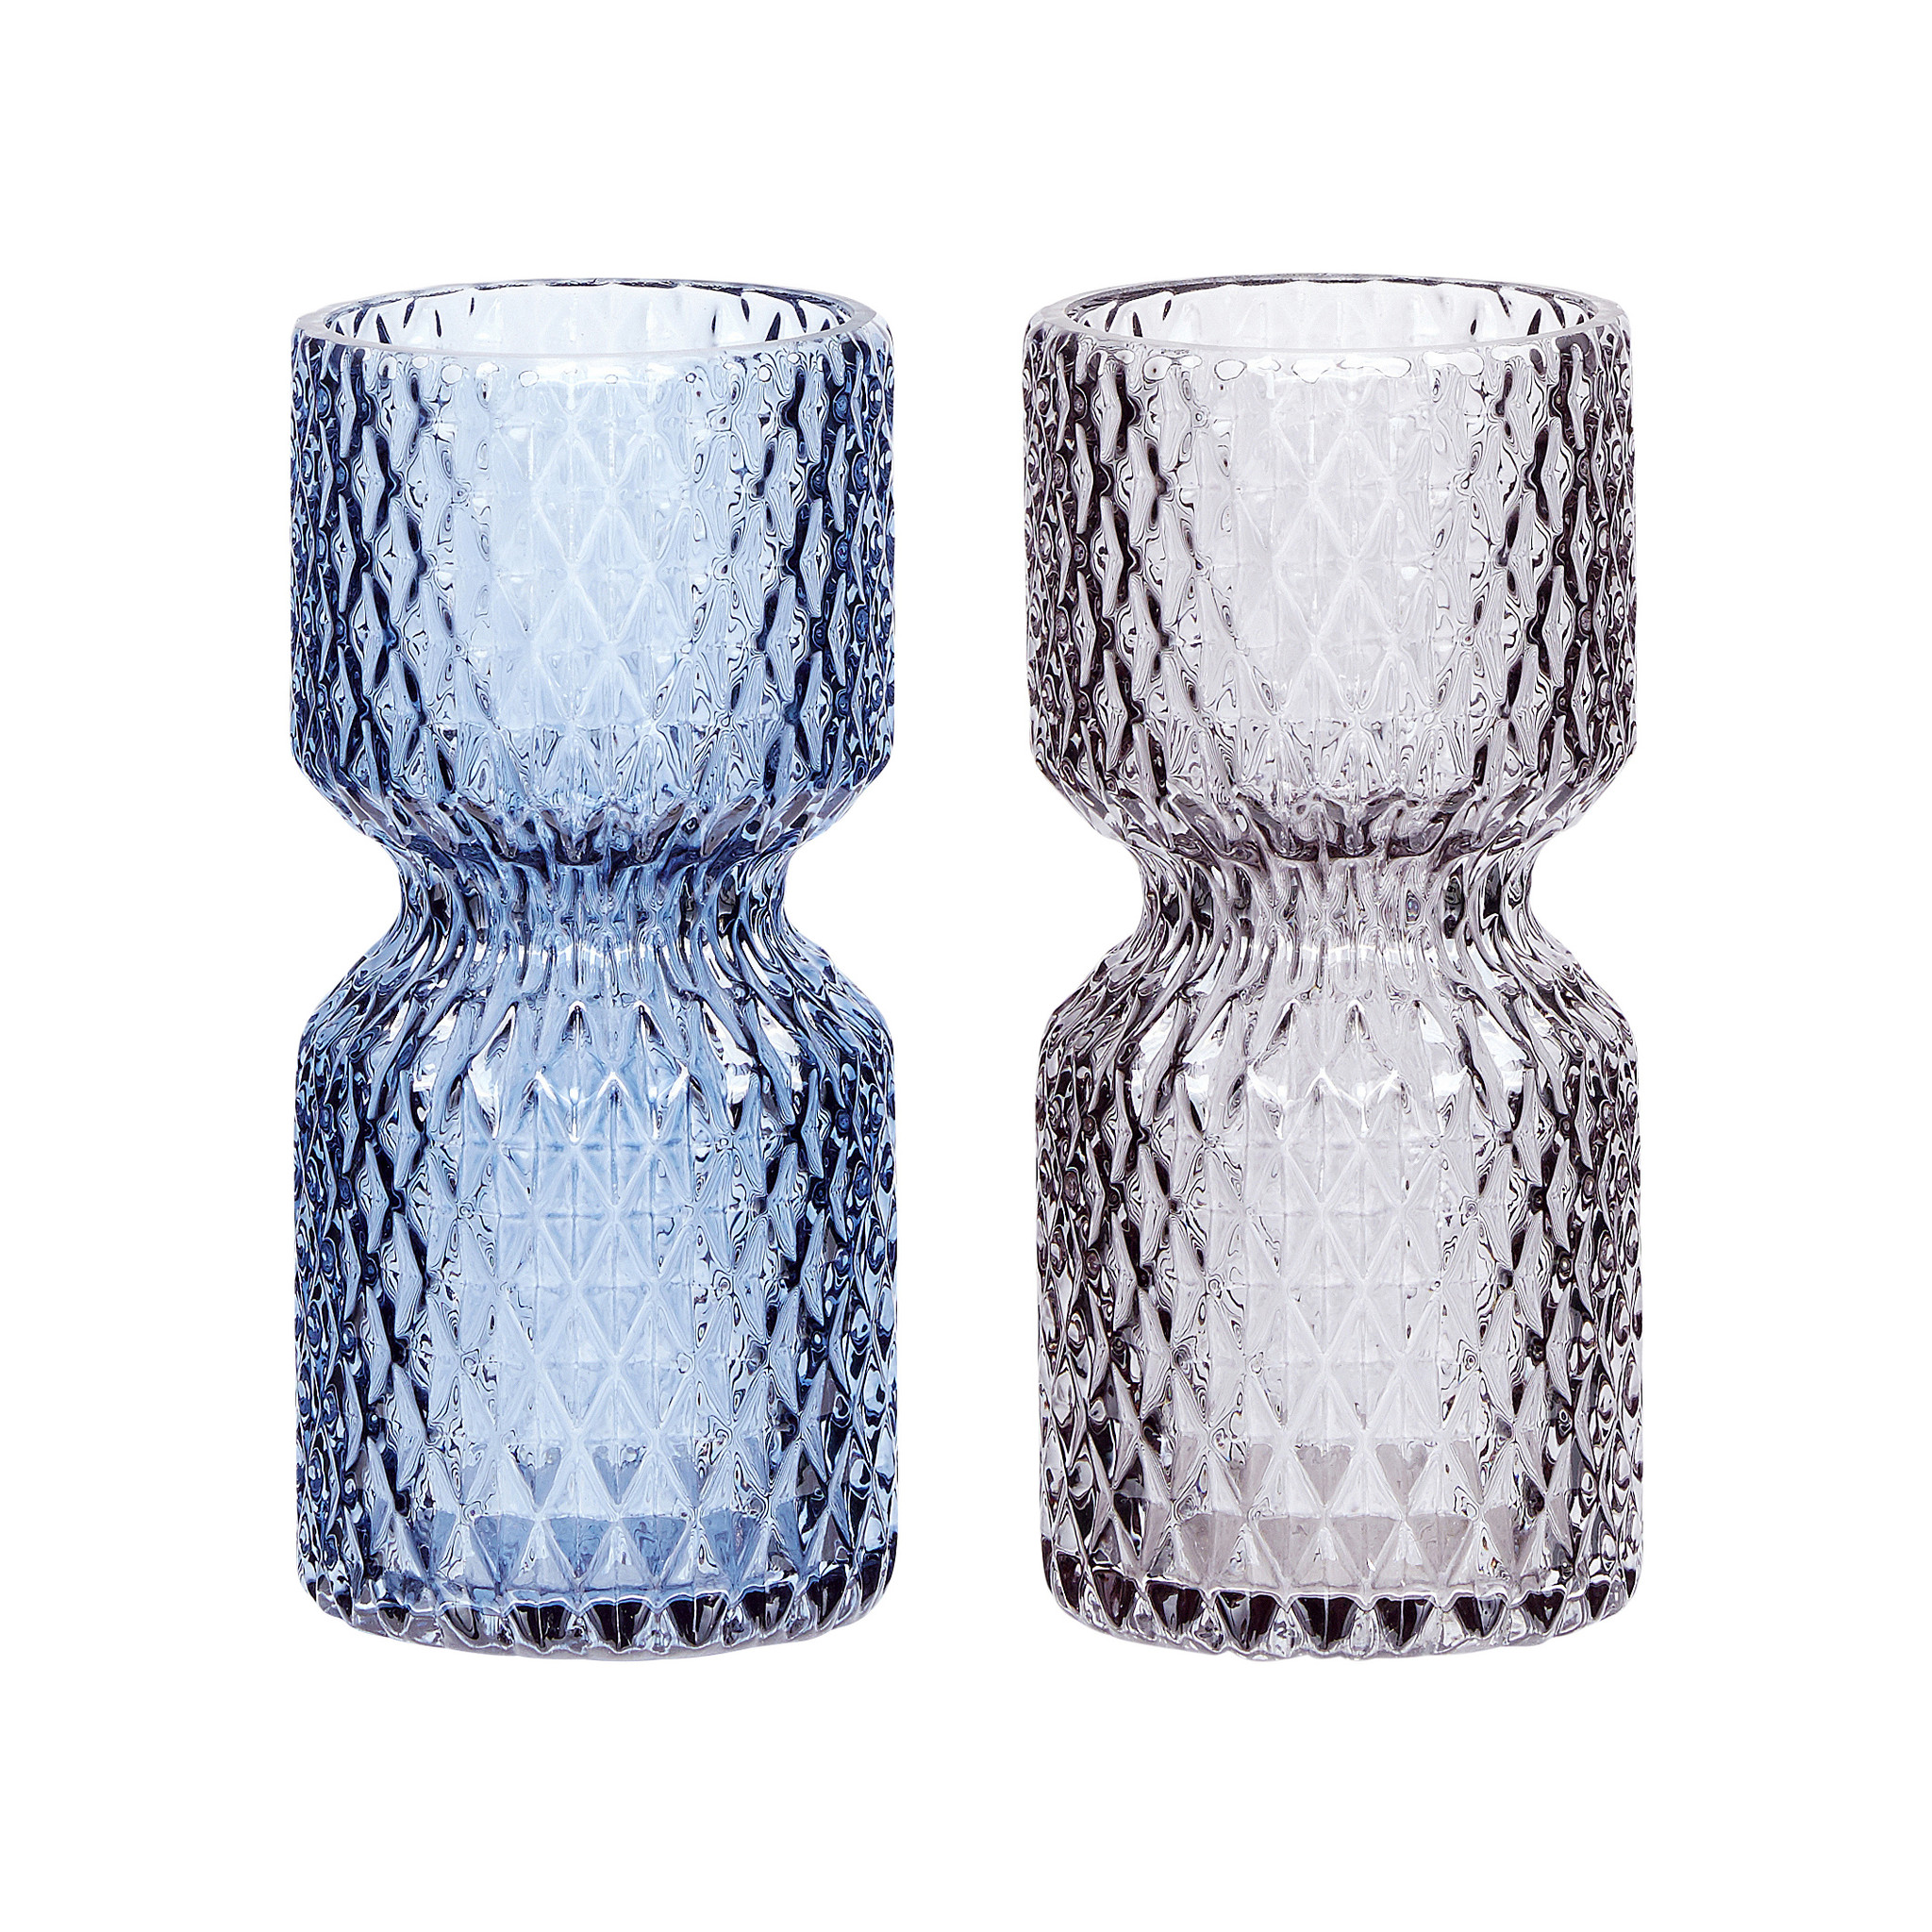 Hubsch Vaas met patroon, glas, blauw / grijs, set van 2-660315-5712772053508